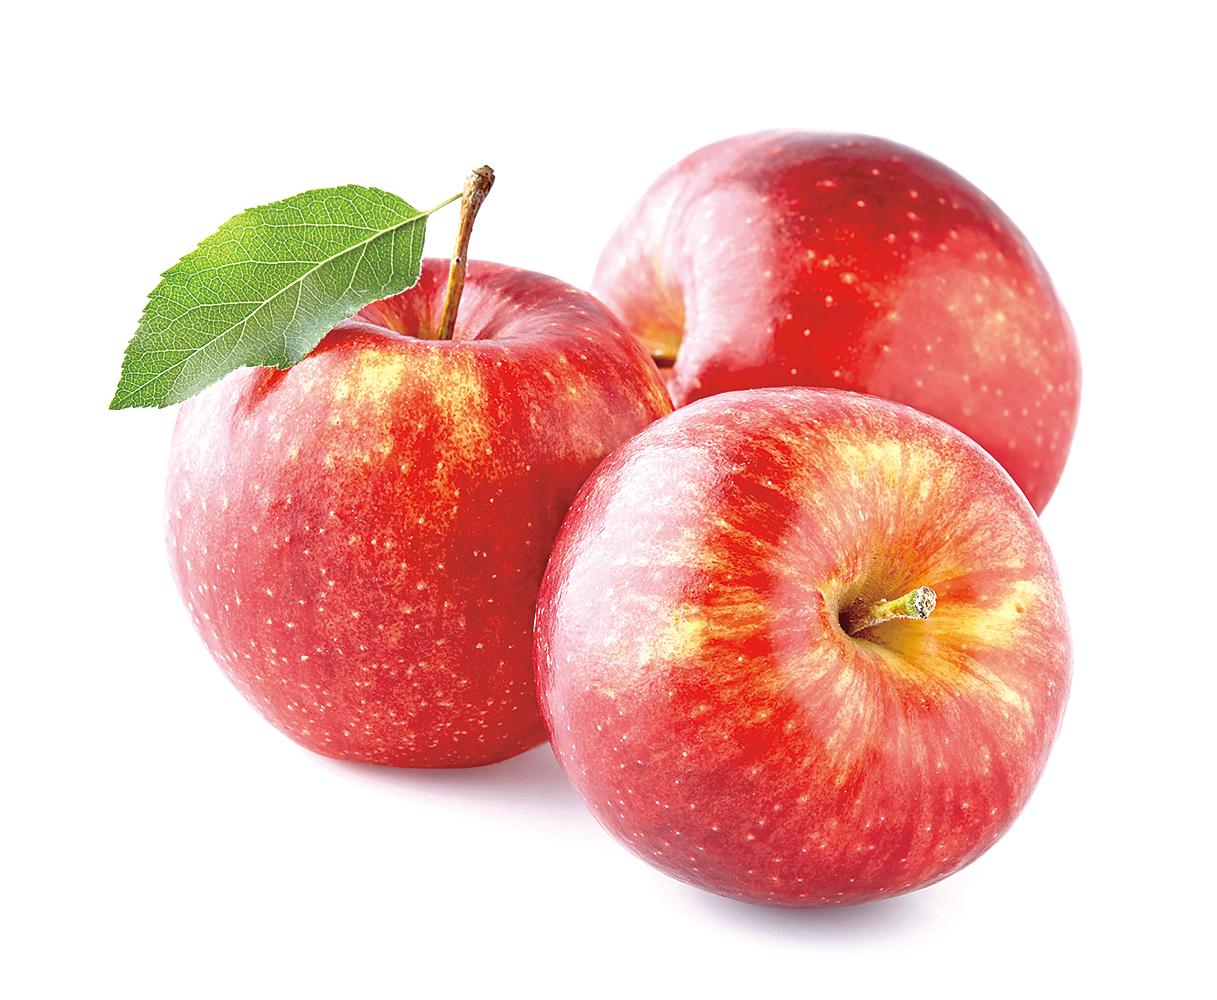 蘋果富含可預防癌症的類黃酮(flavonoids),對人體很有幫助。